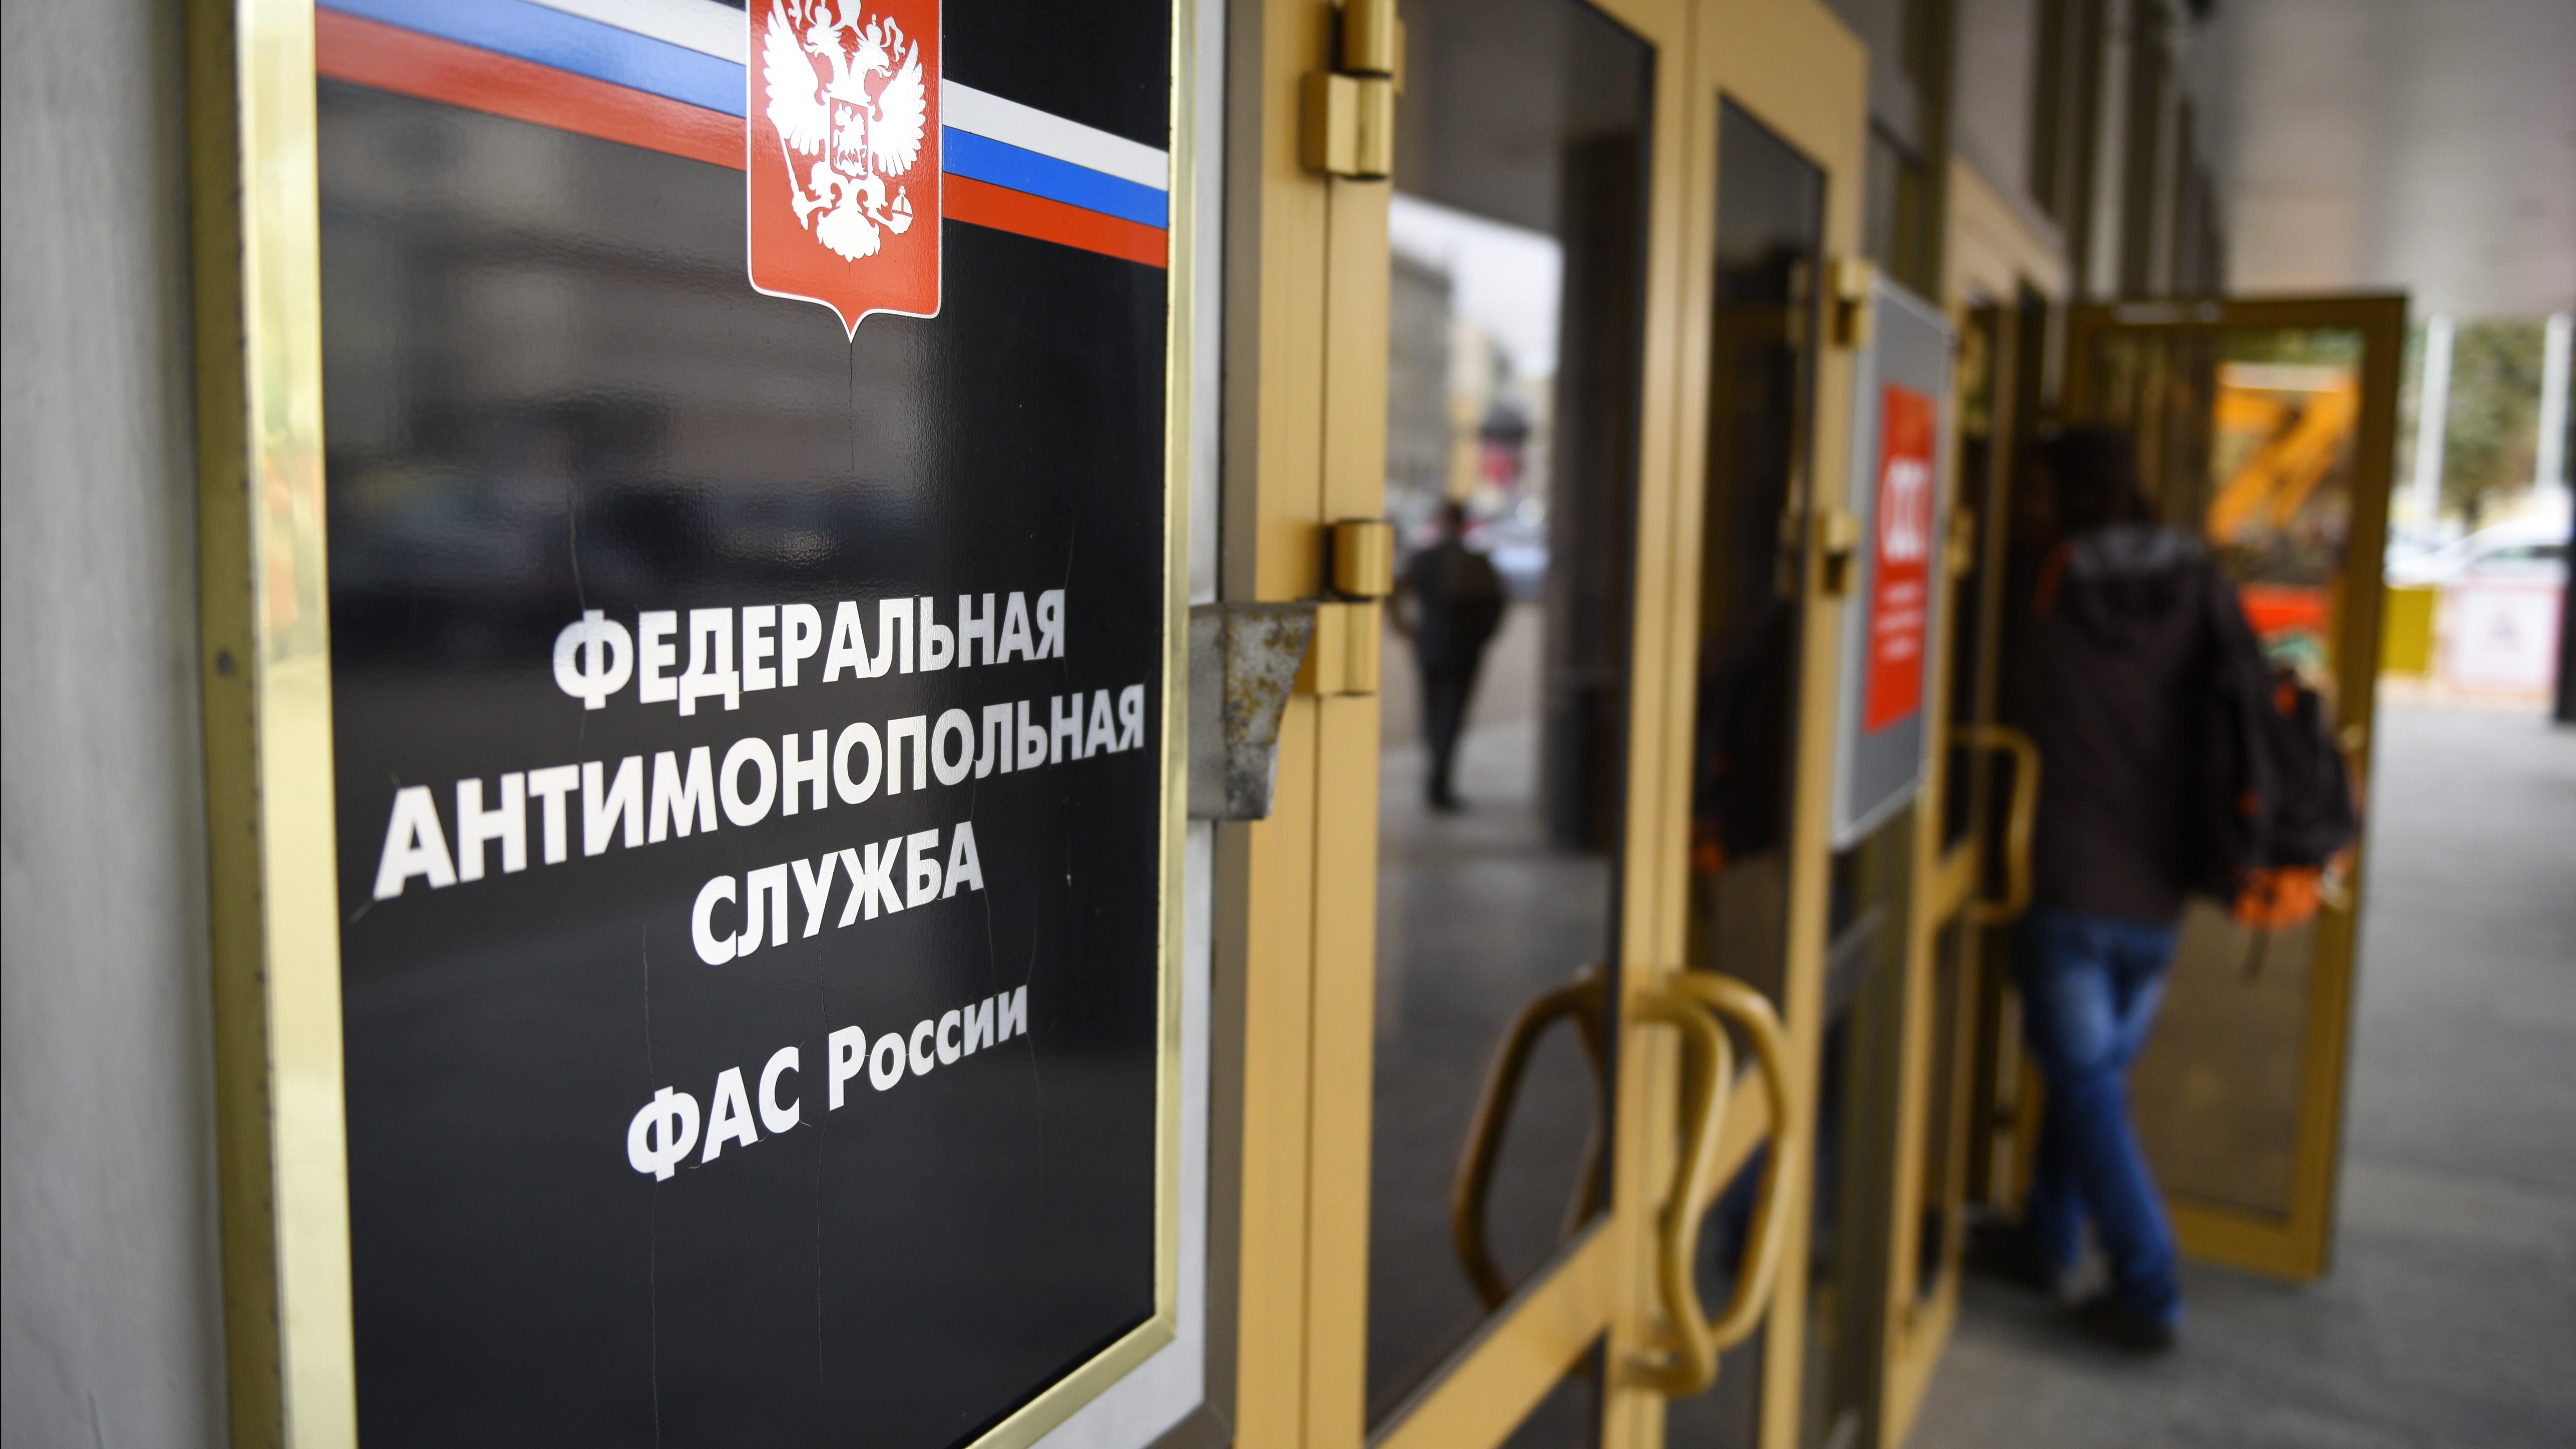 Подмосковное УФАС оштрафовало должностные лица двух компаний за непредоставление сведений